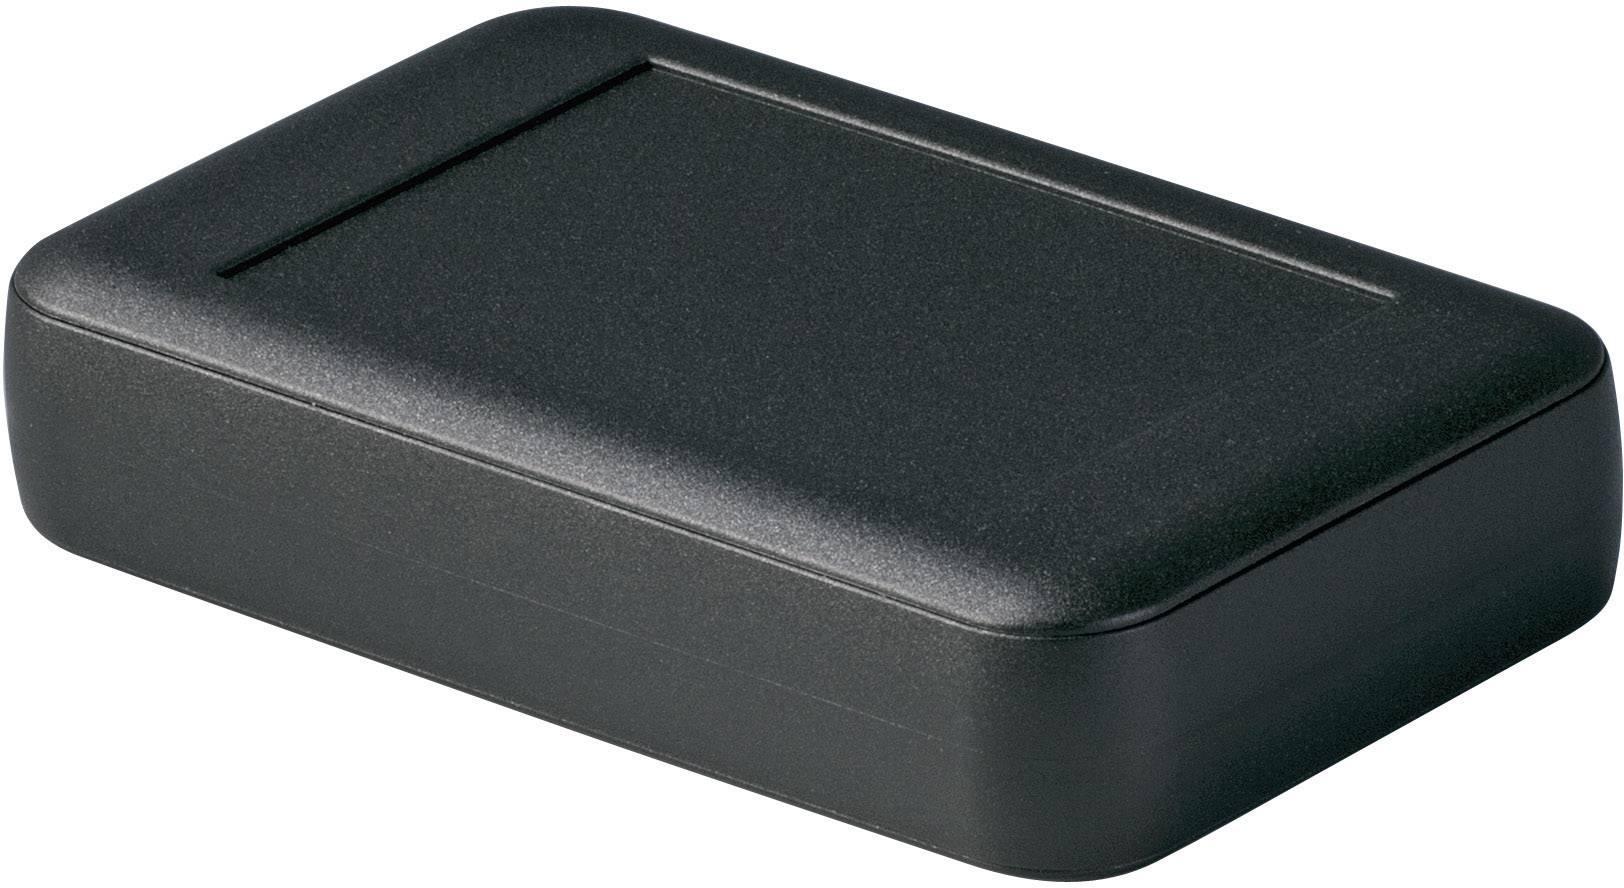 Stolní/nástěnné pouzdro ABS OKW D9053429, (d x š x v) 92 x 150 x 33 mm, černá